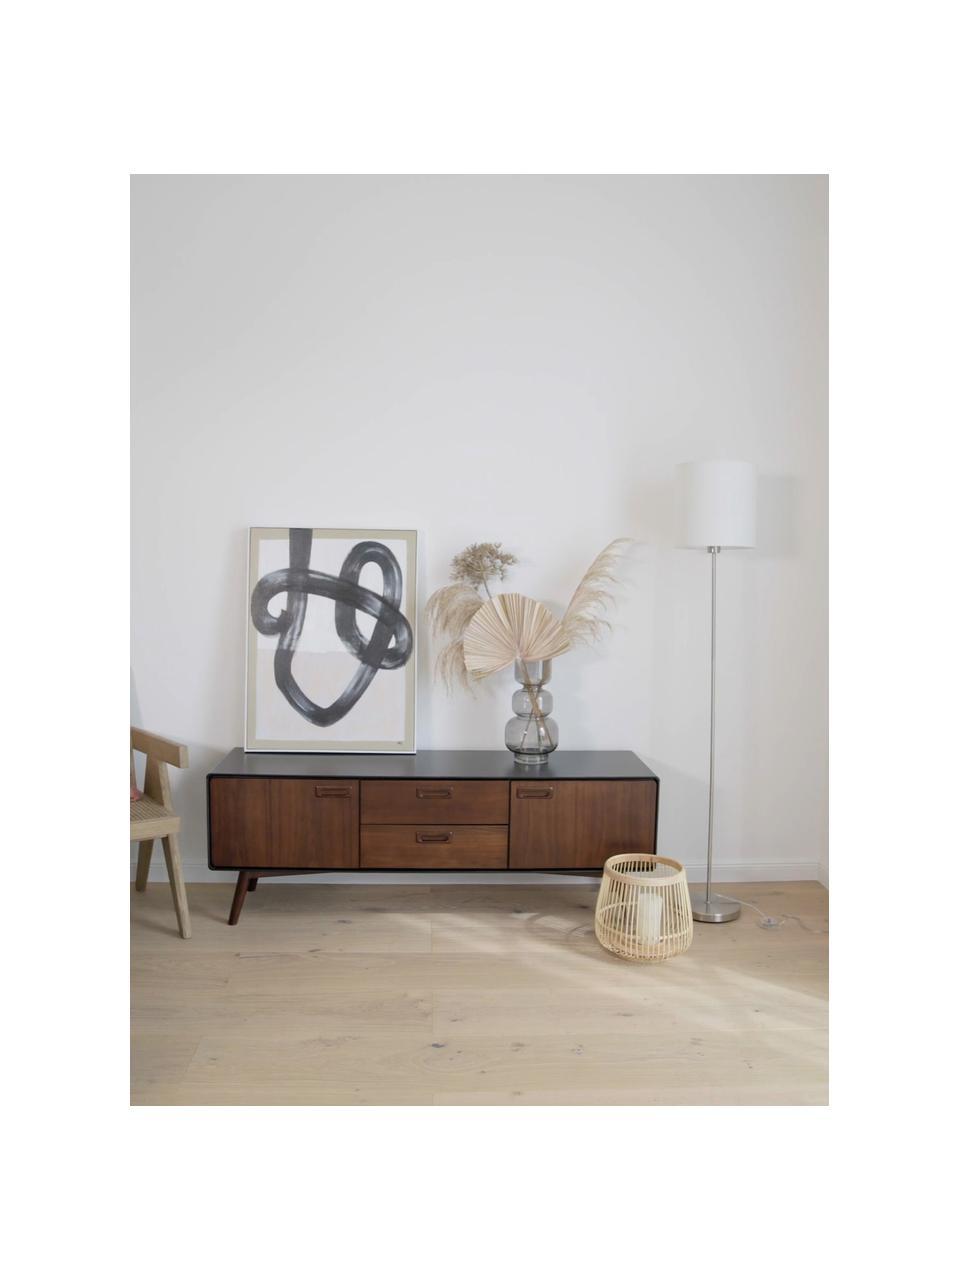 Lampa podłogowa Mick, Biały, odcienie srebrnego, Ø 28 x W 158 cm